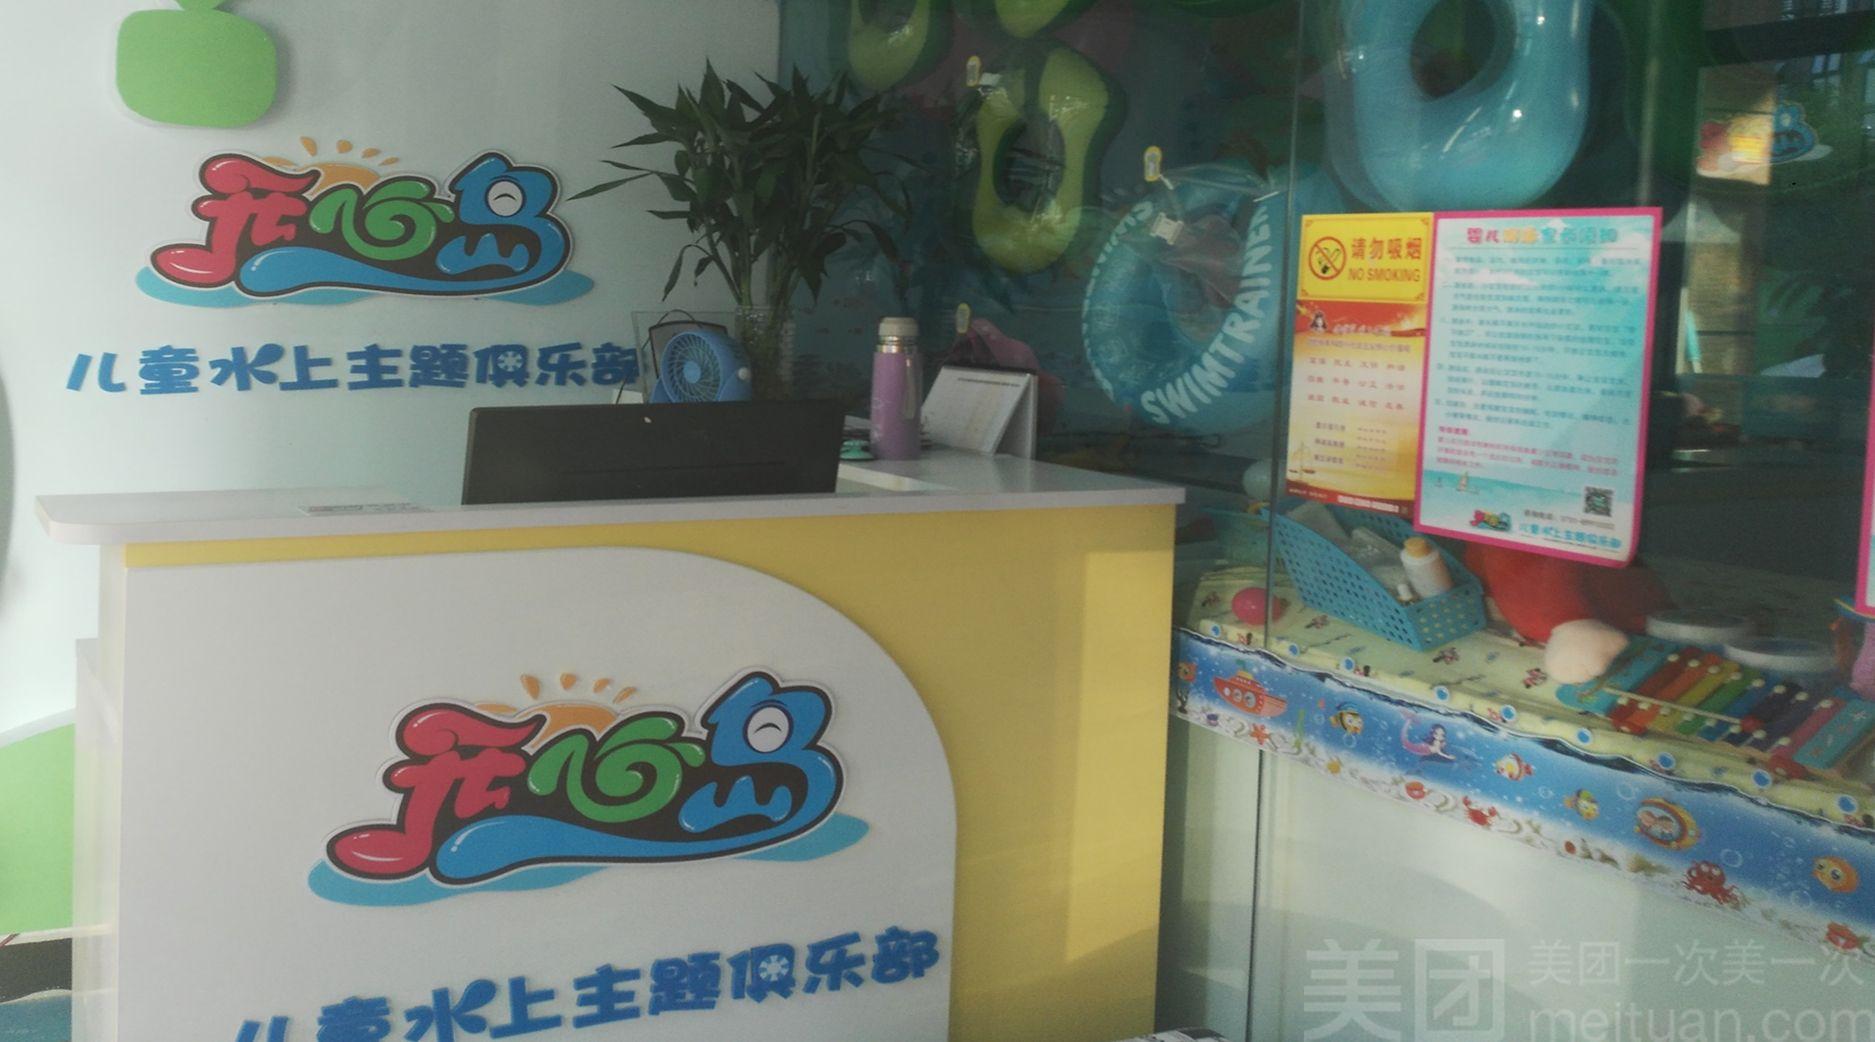 :长沙今日团购:【开心岛婴童水育乐园】小儿推拿3次体验卡